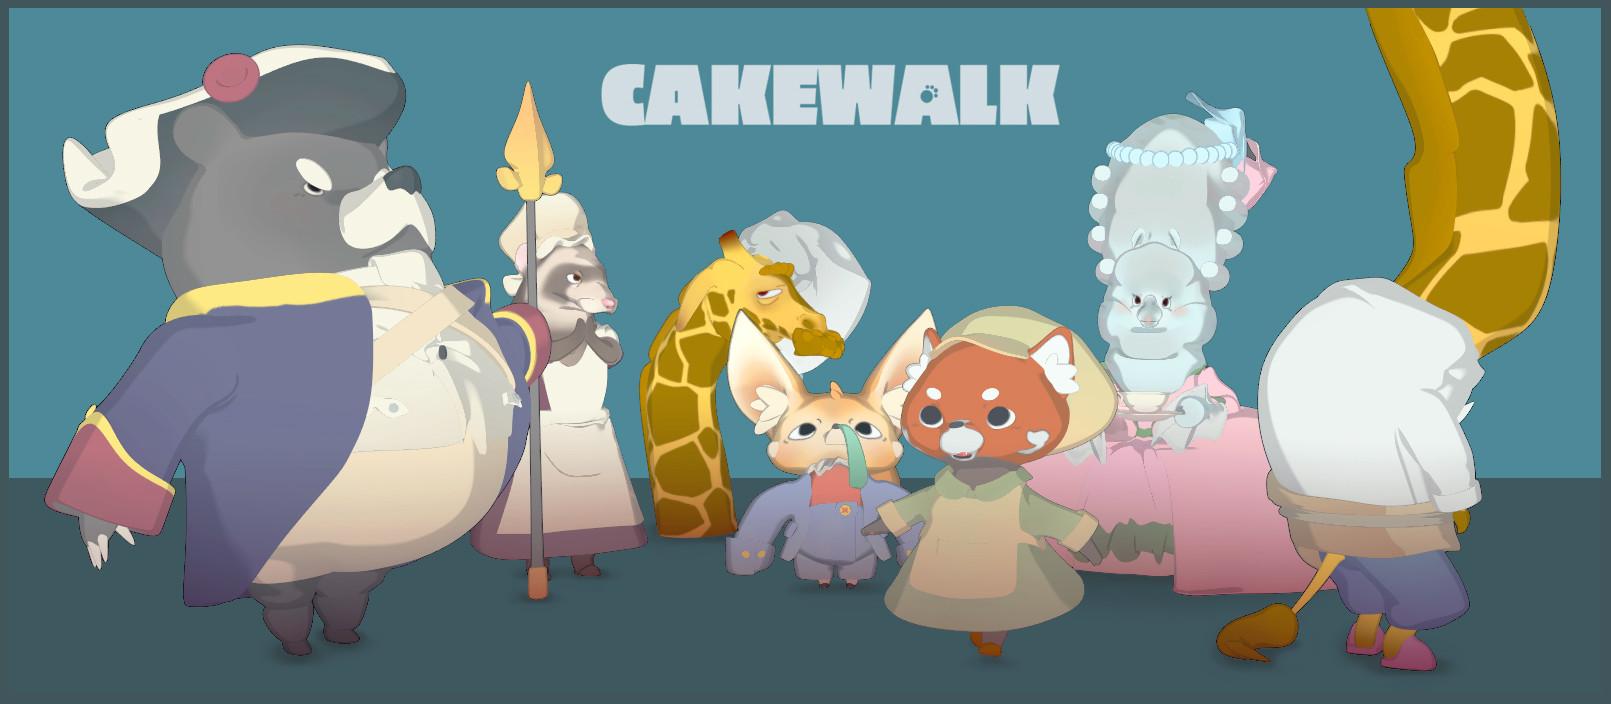 Oceane nasstrom oceanenasstrom cakewalkfront